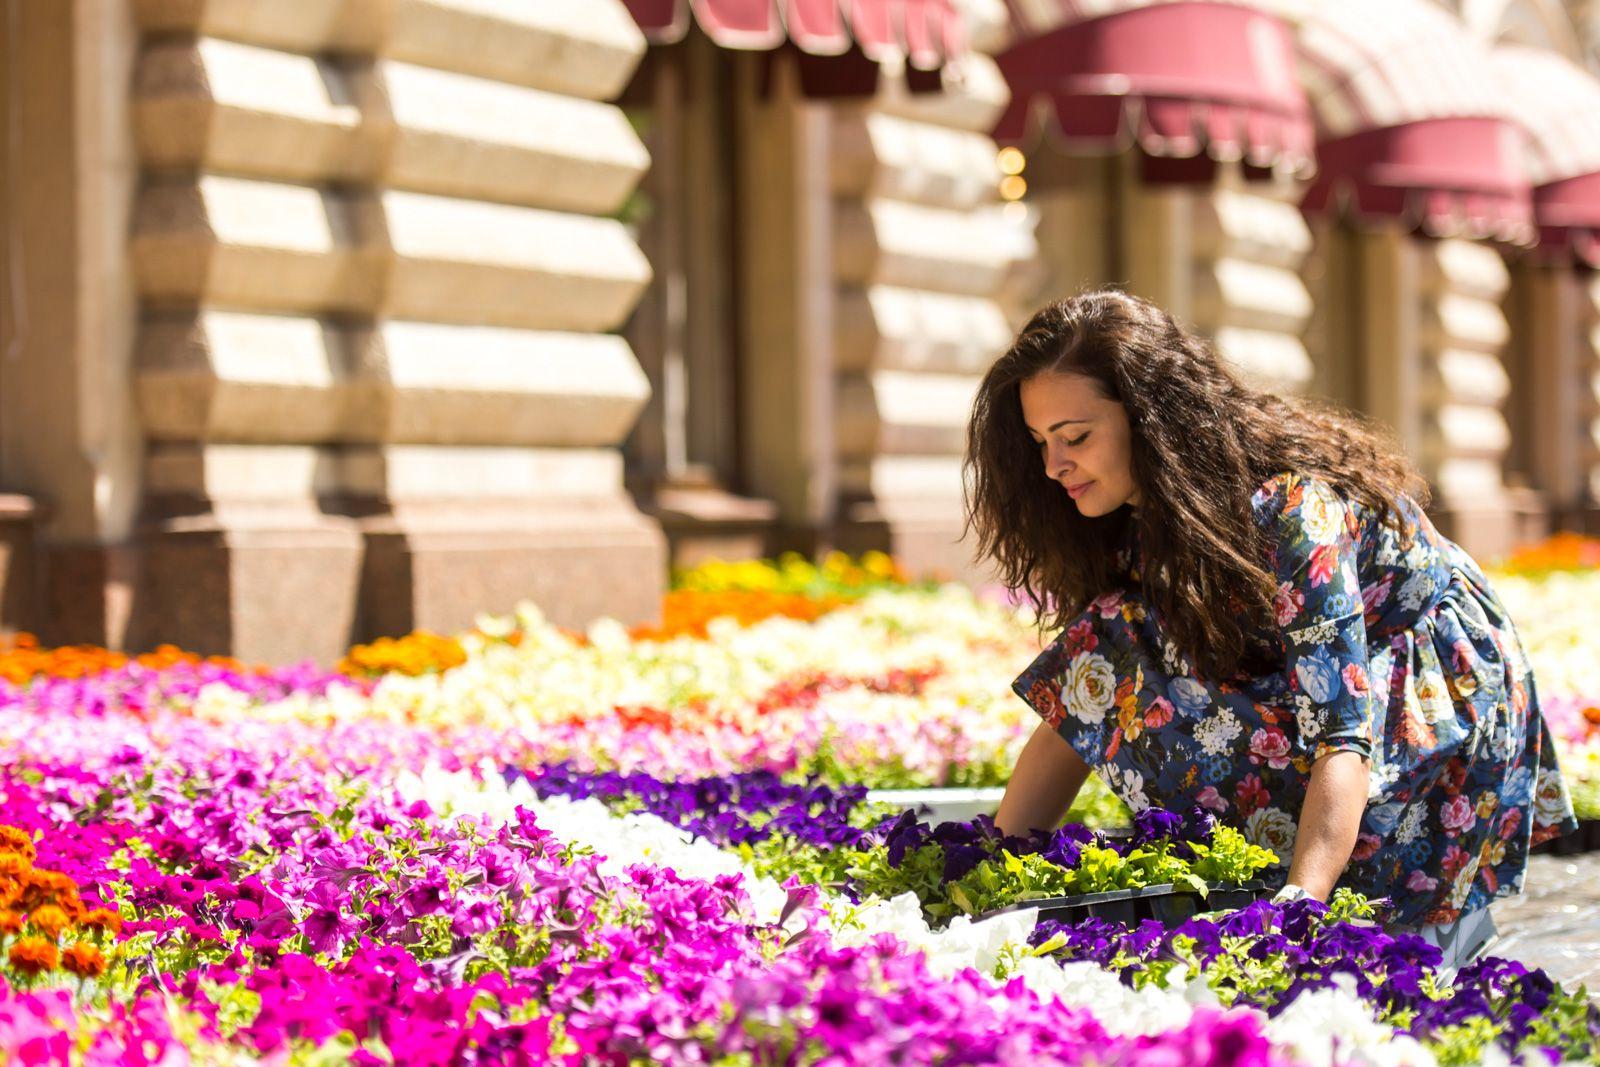 Фестиваль цветов в ГУМе фото 1